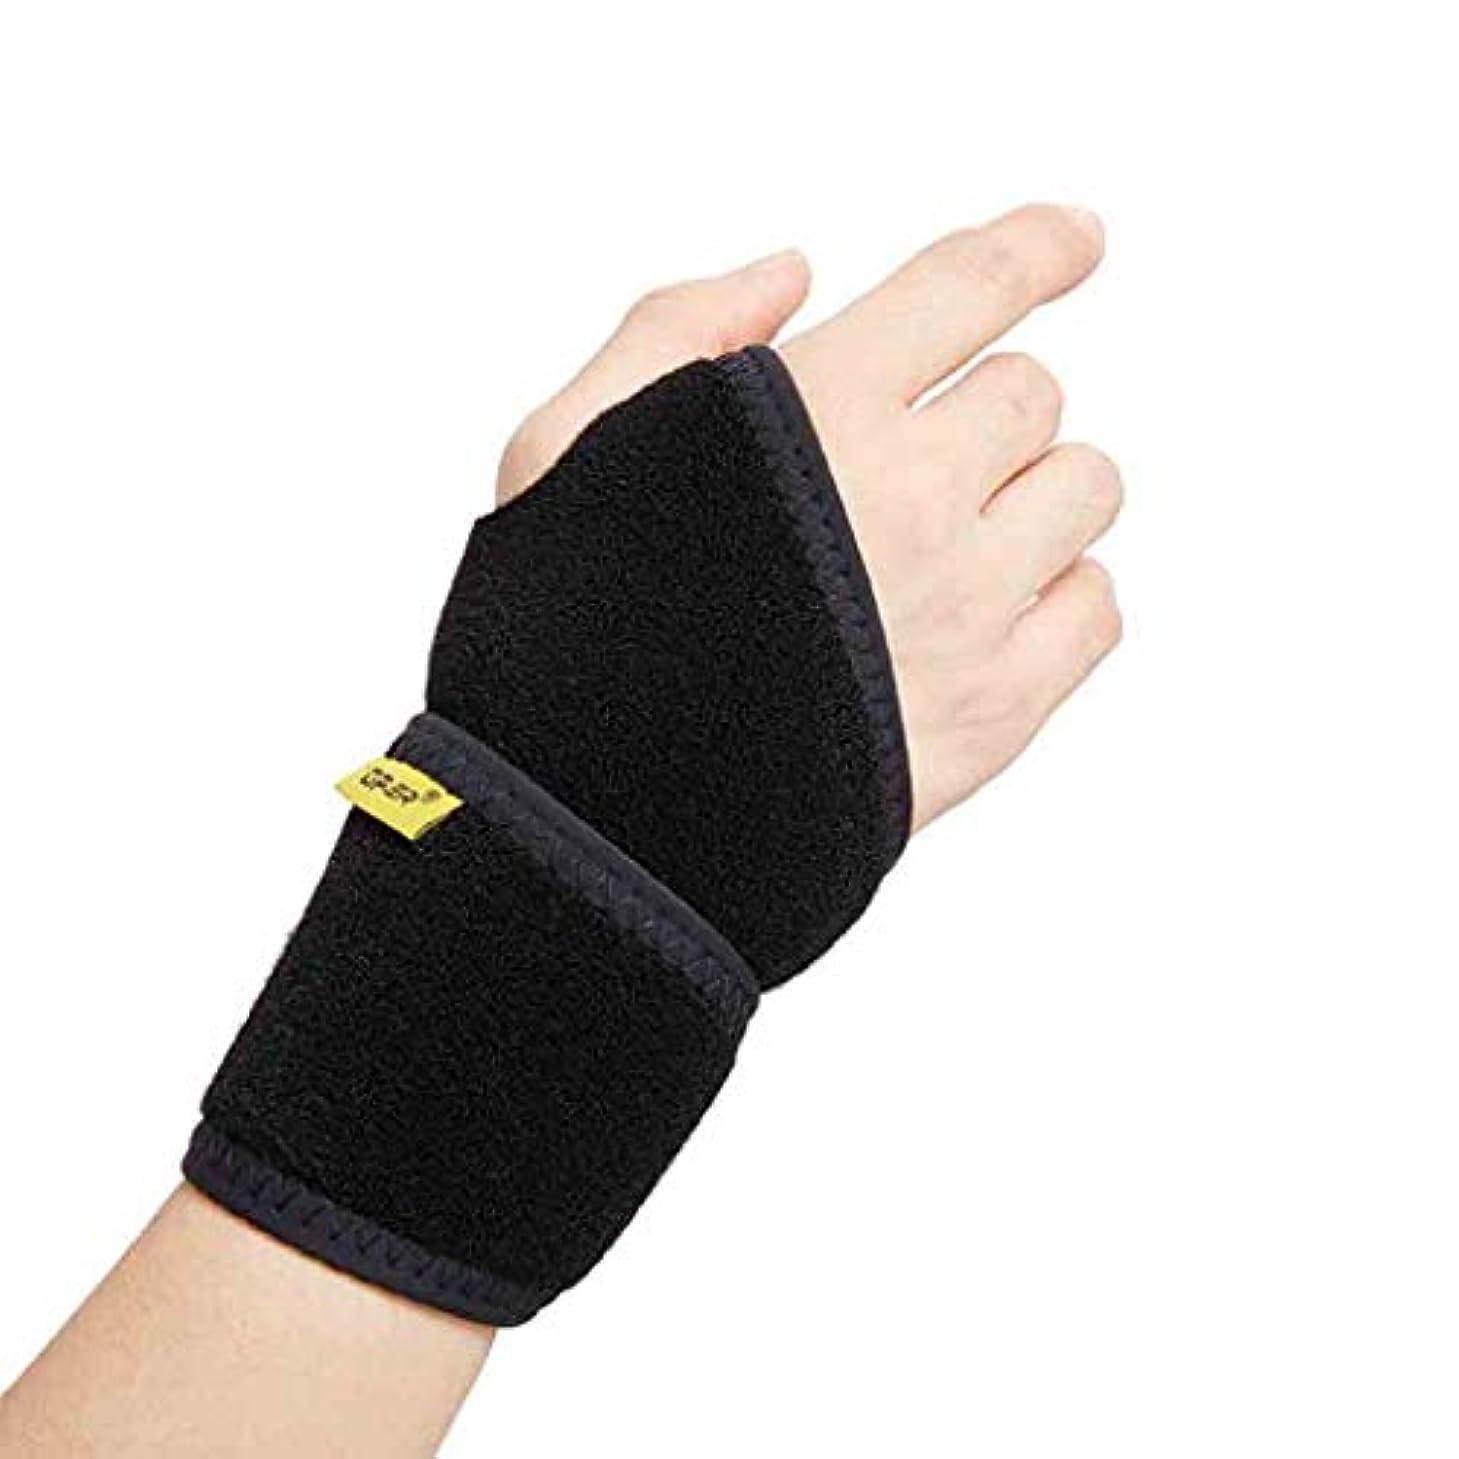 実際に細断麦芽関節炎のためのThumbのスプリントは右手の手首サポート左手手根サポートを手根管トンネルの痛みを軽減するための男性と女性をトリガー Roscloud@